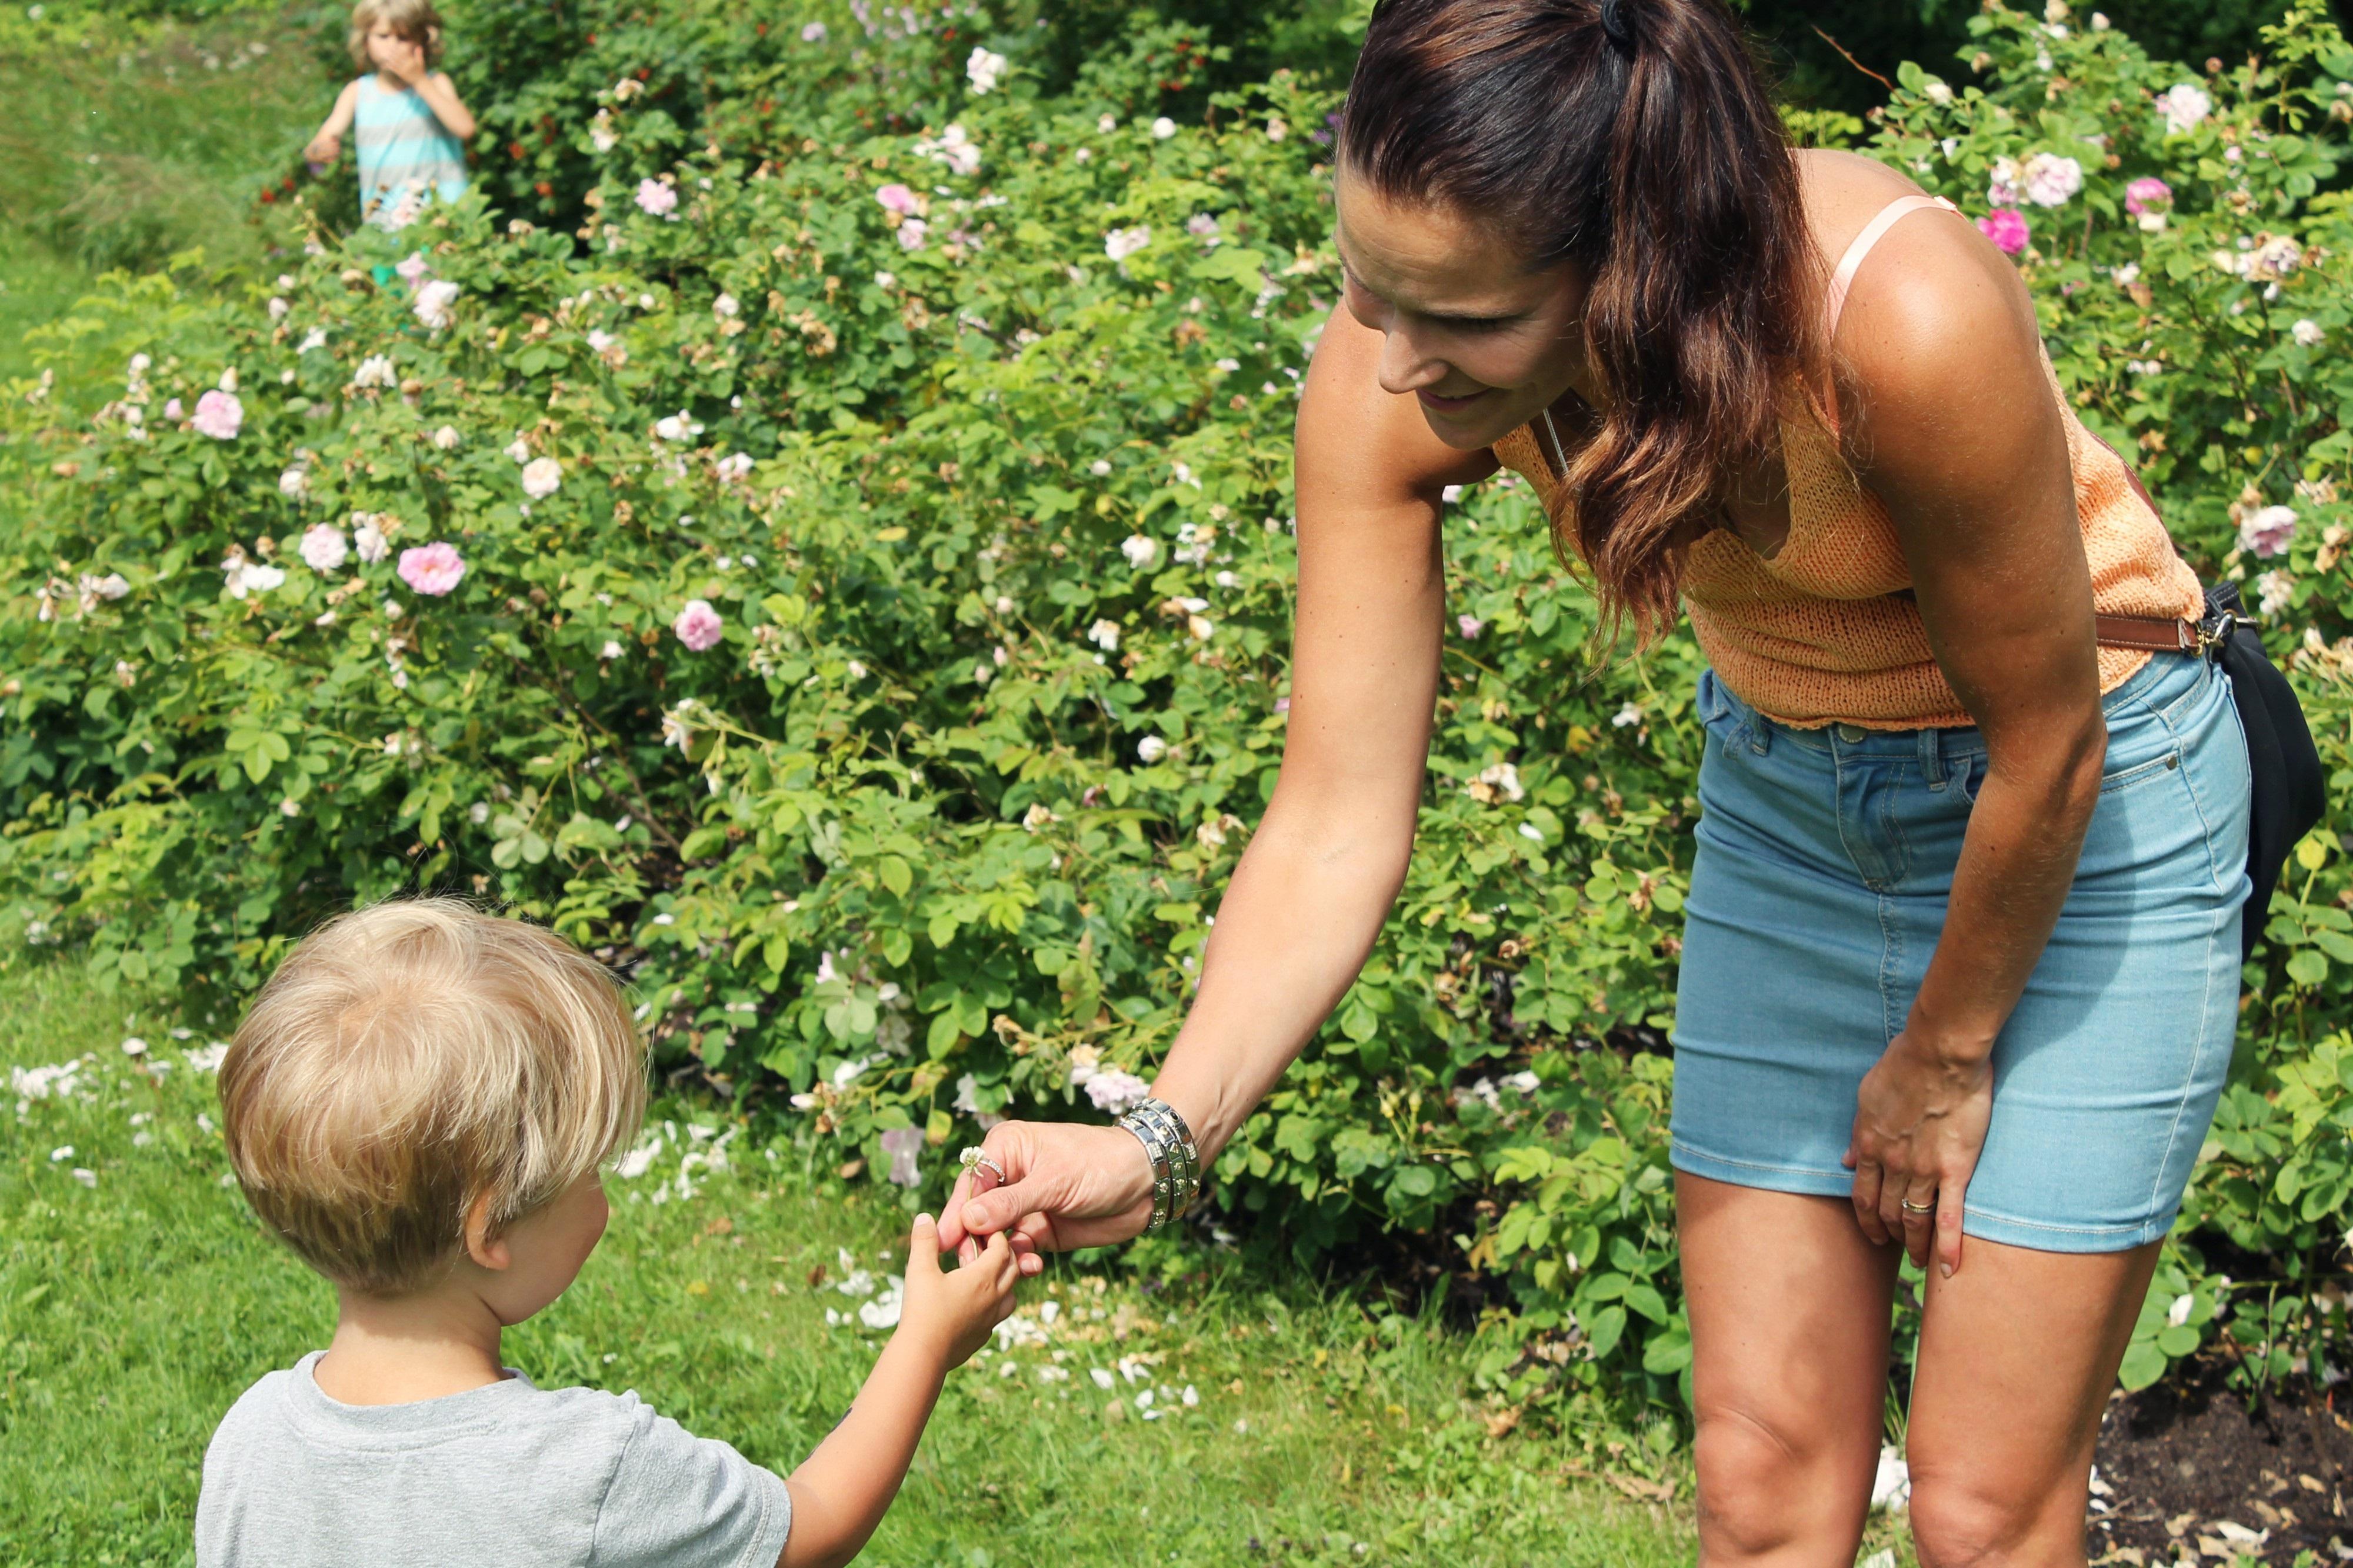 poika antaa kukan äidille